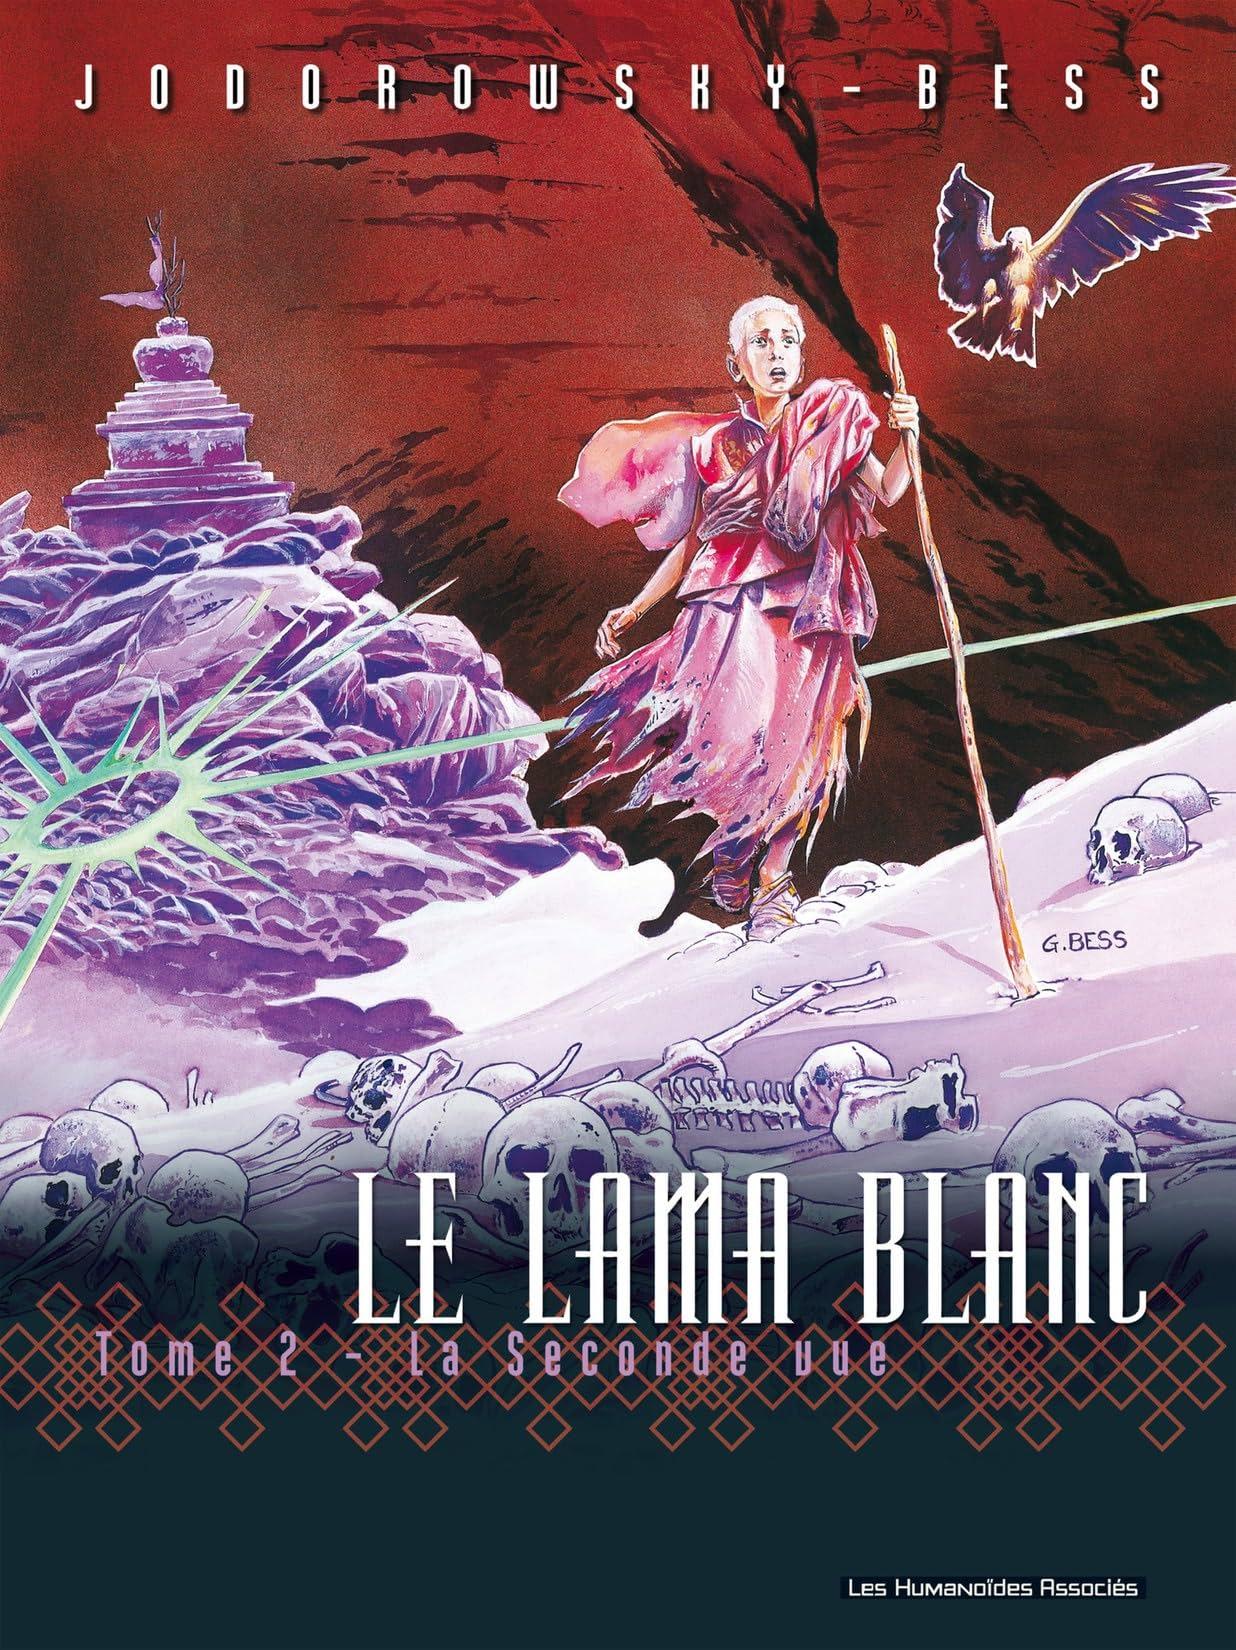 Le Lama Blanc Vol. 2: La Seconde vue